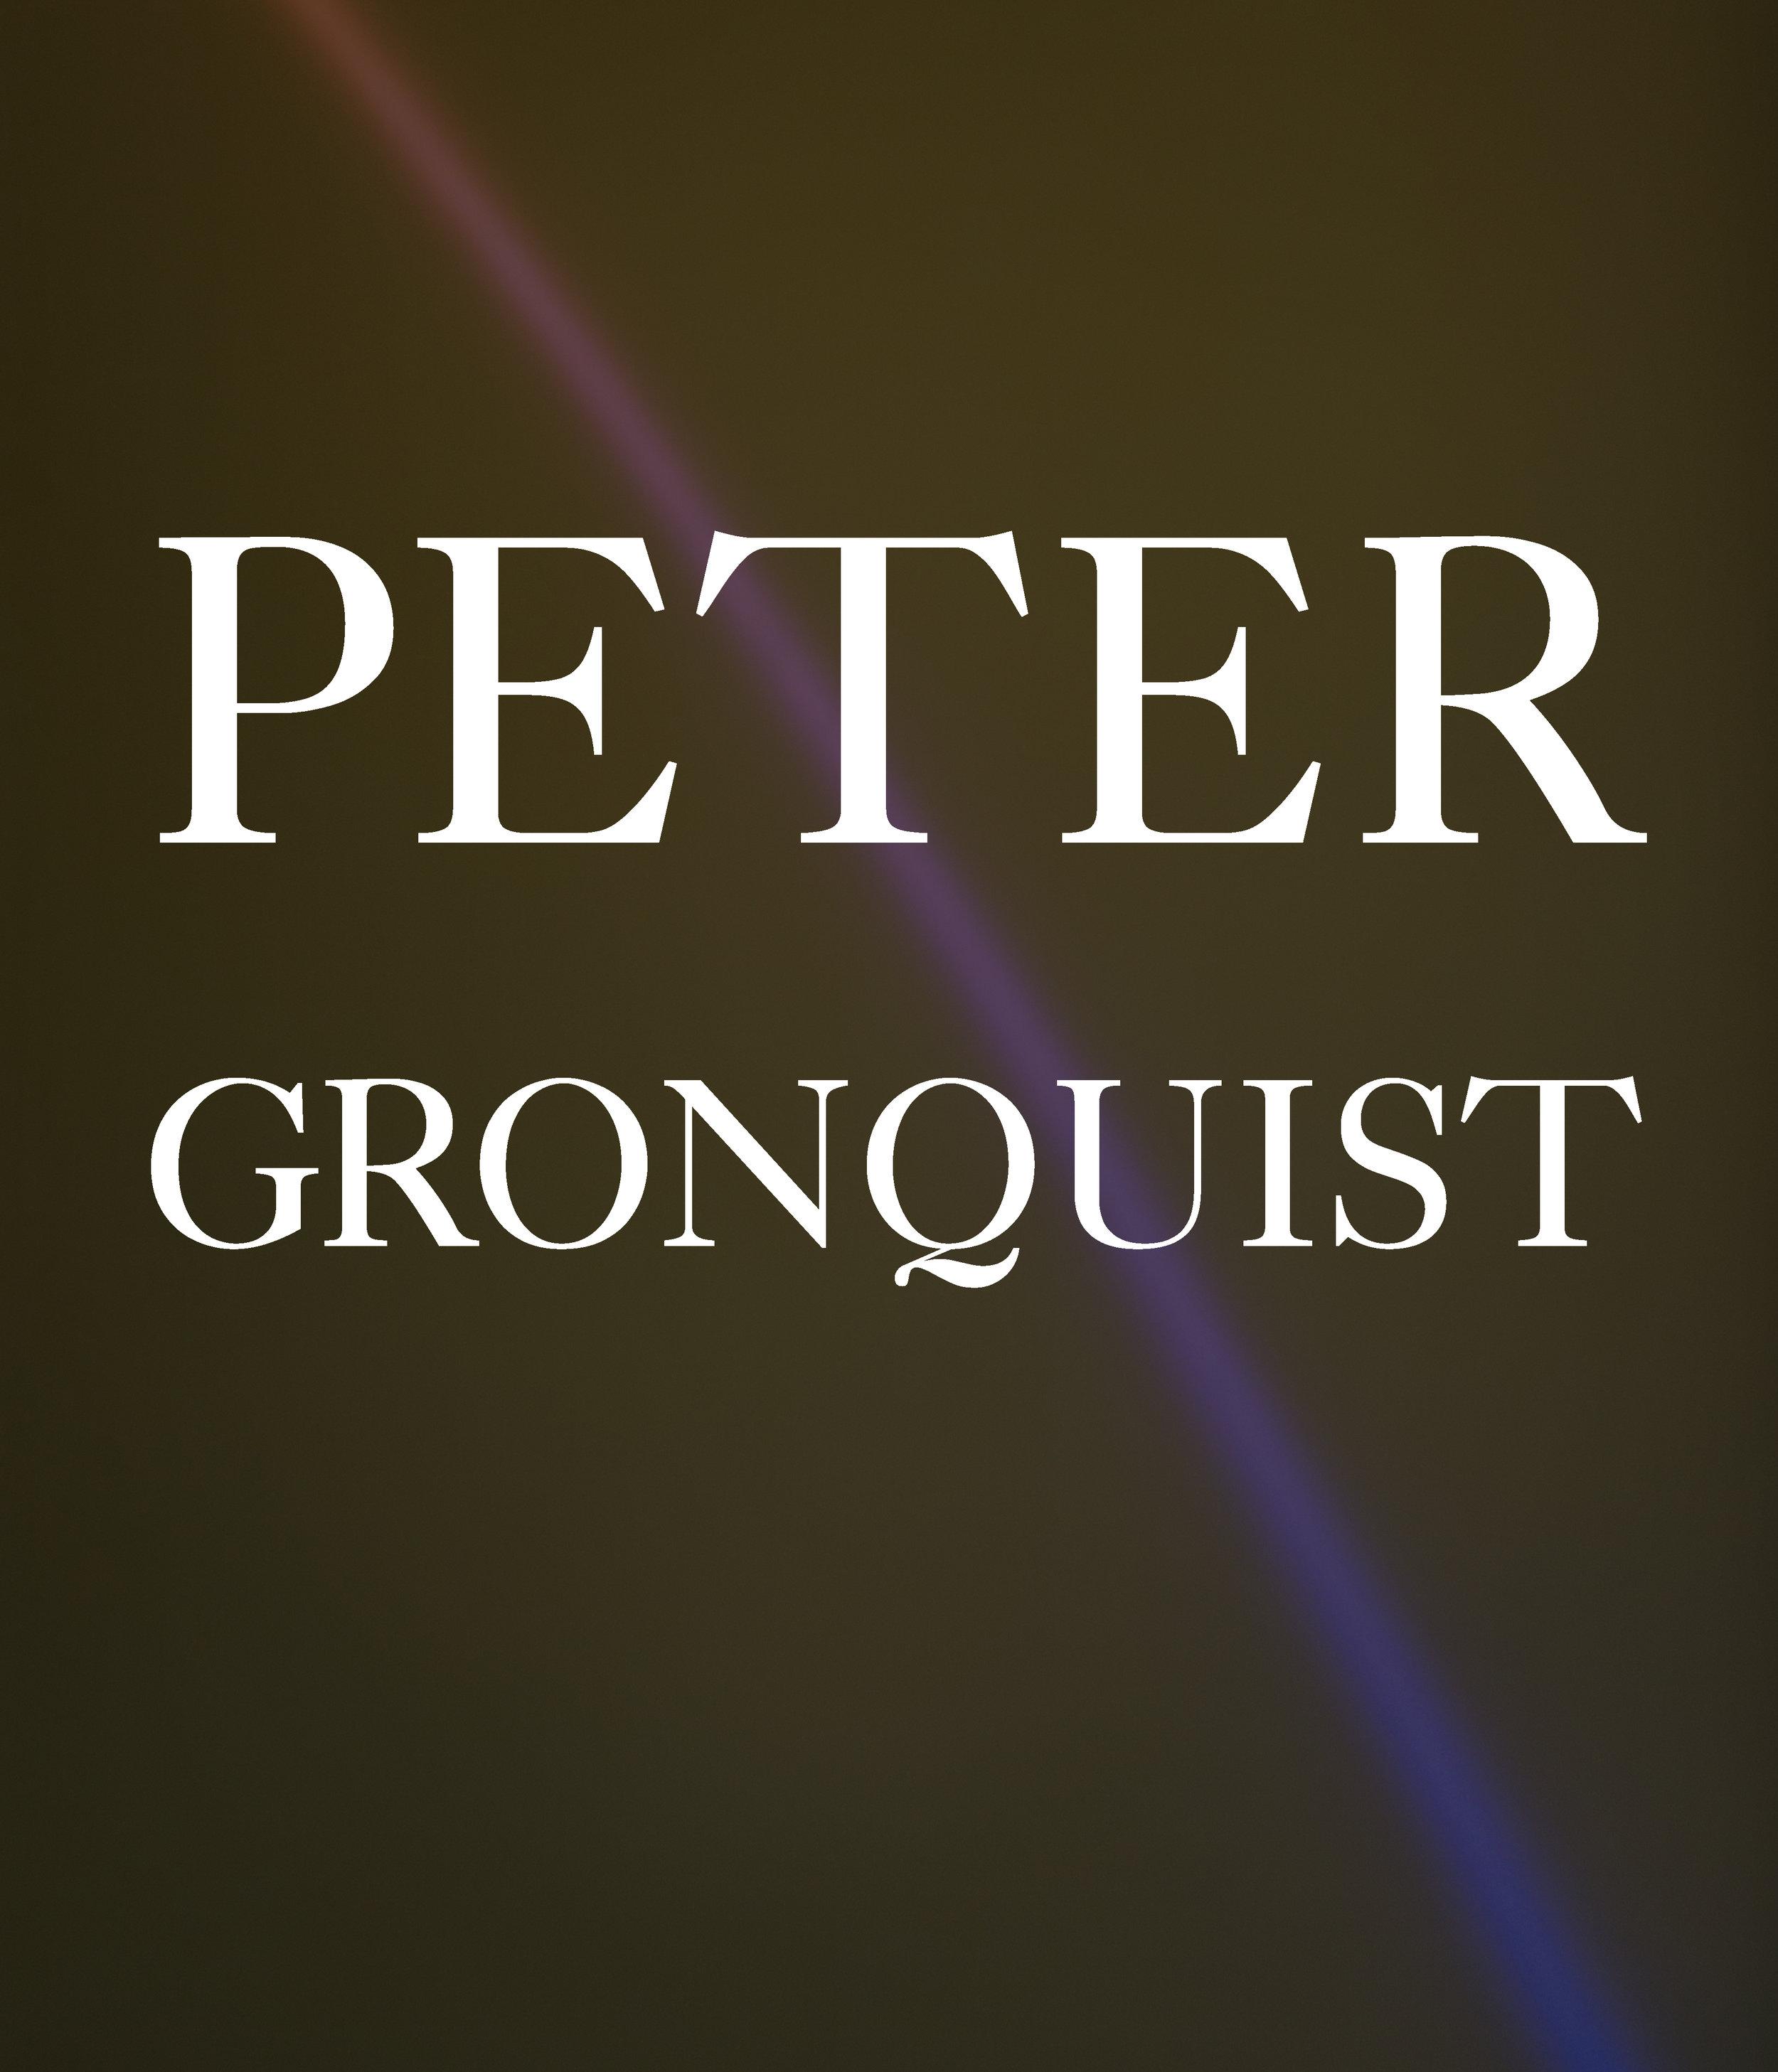 Peter Gronquist.jpg